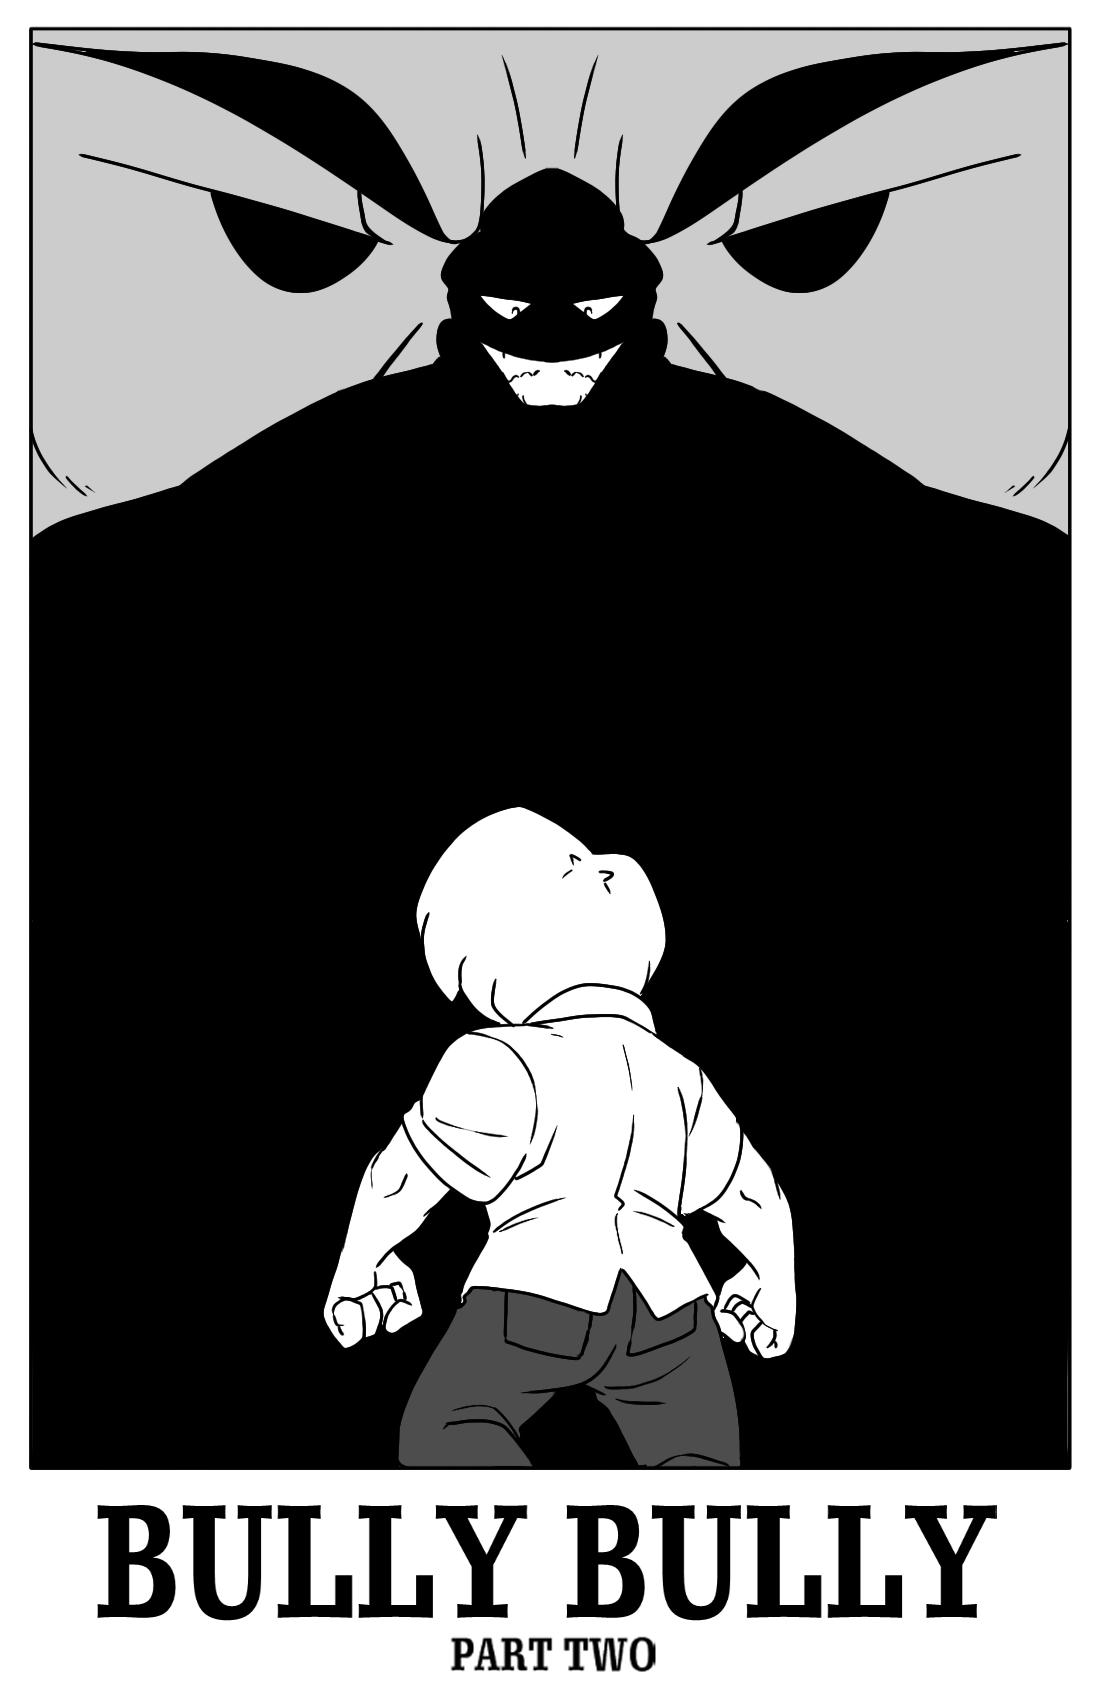 Bully Bully Part 2 pg.1